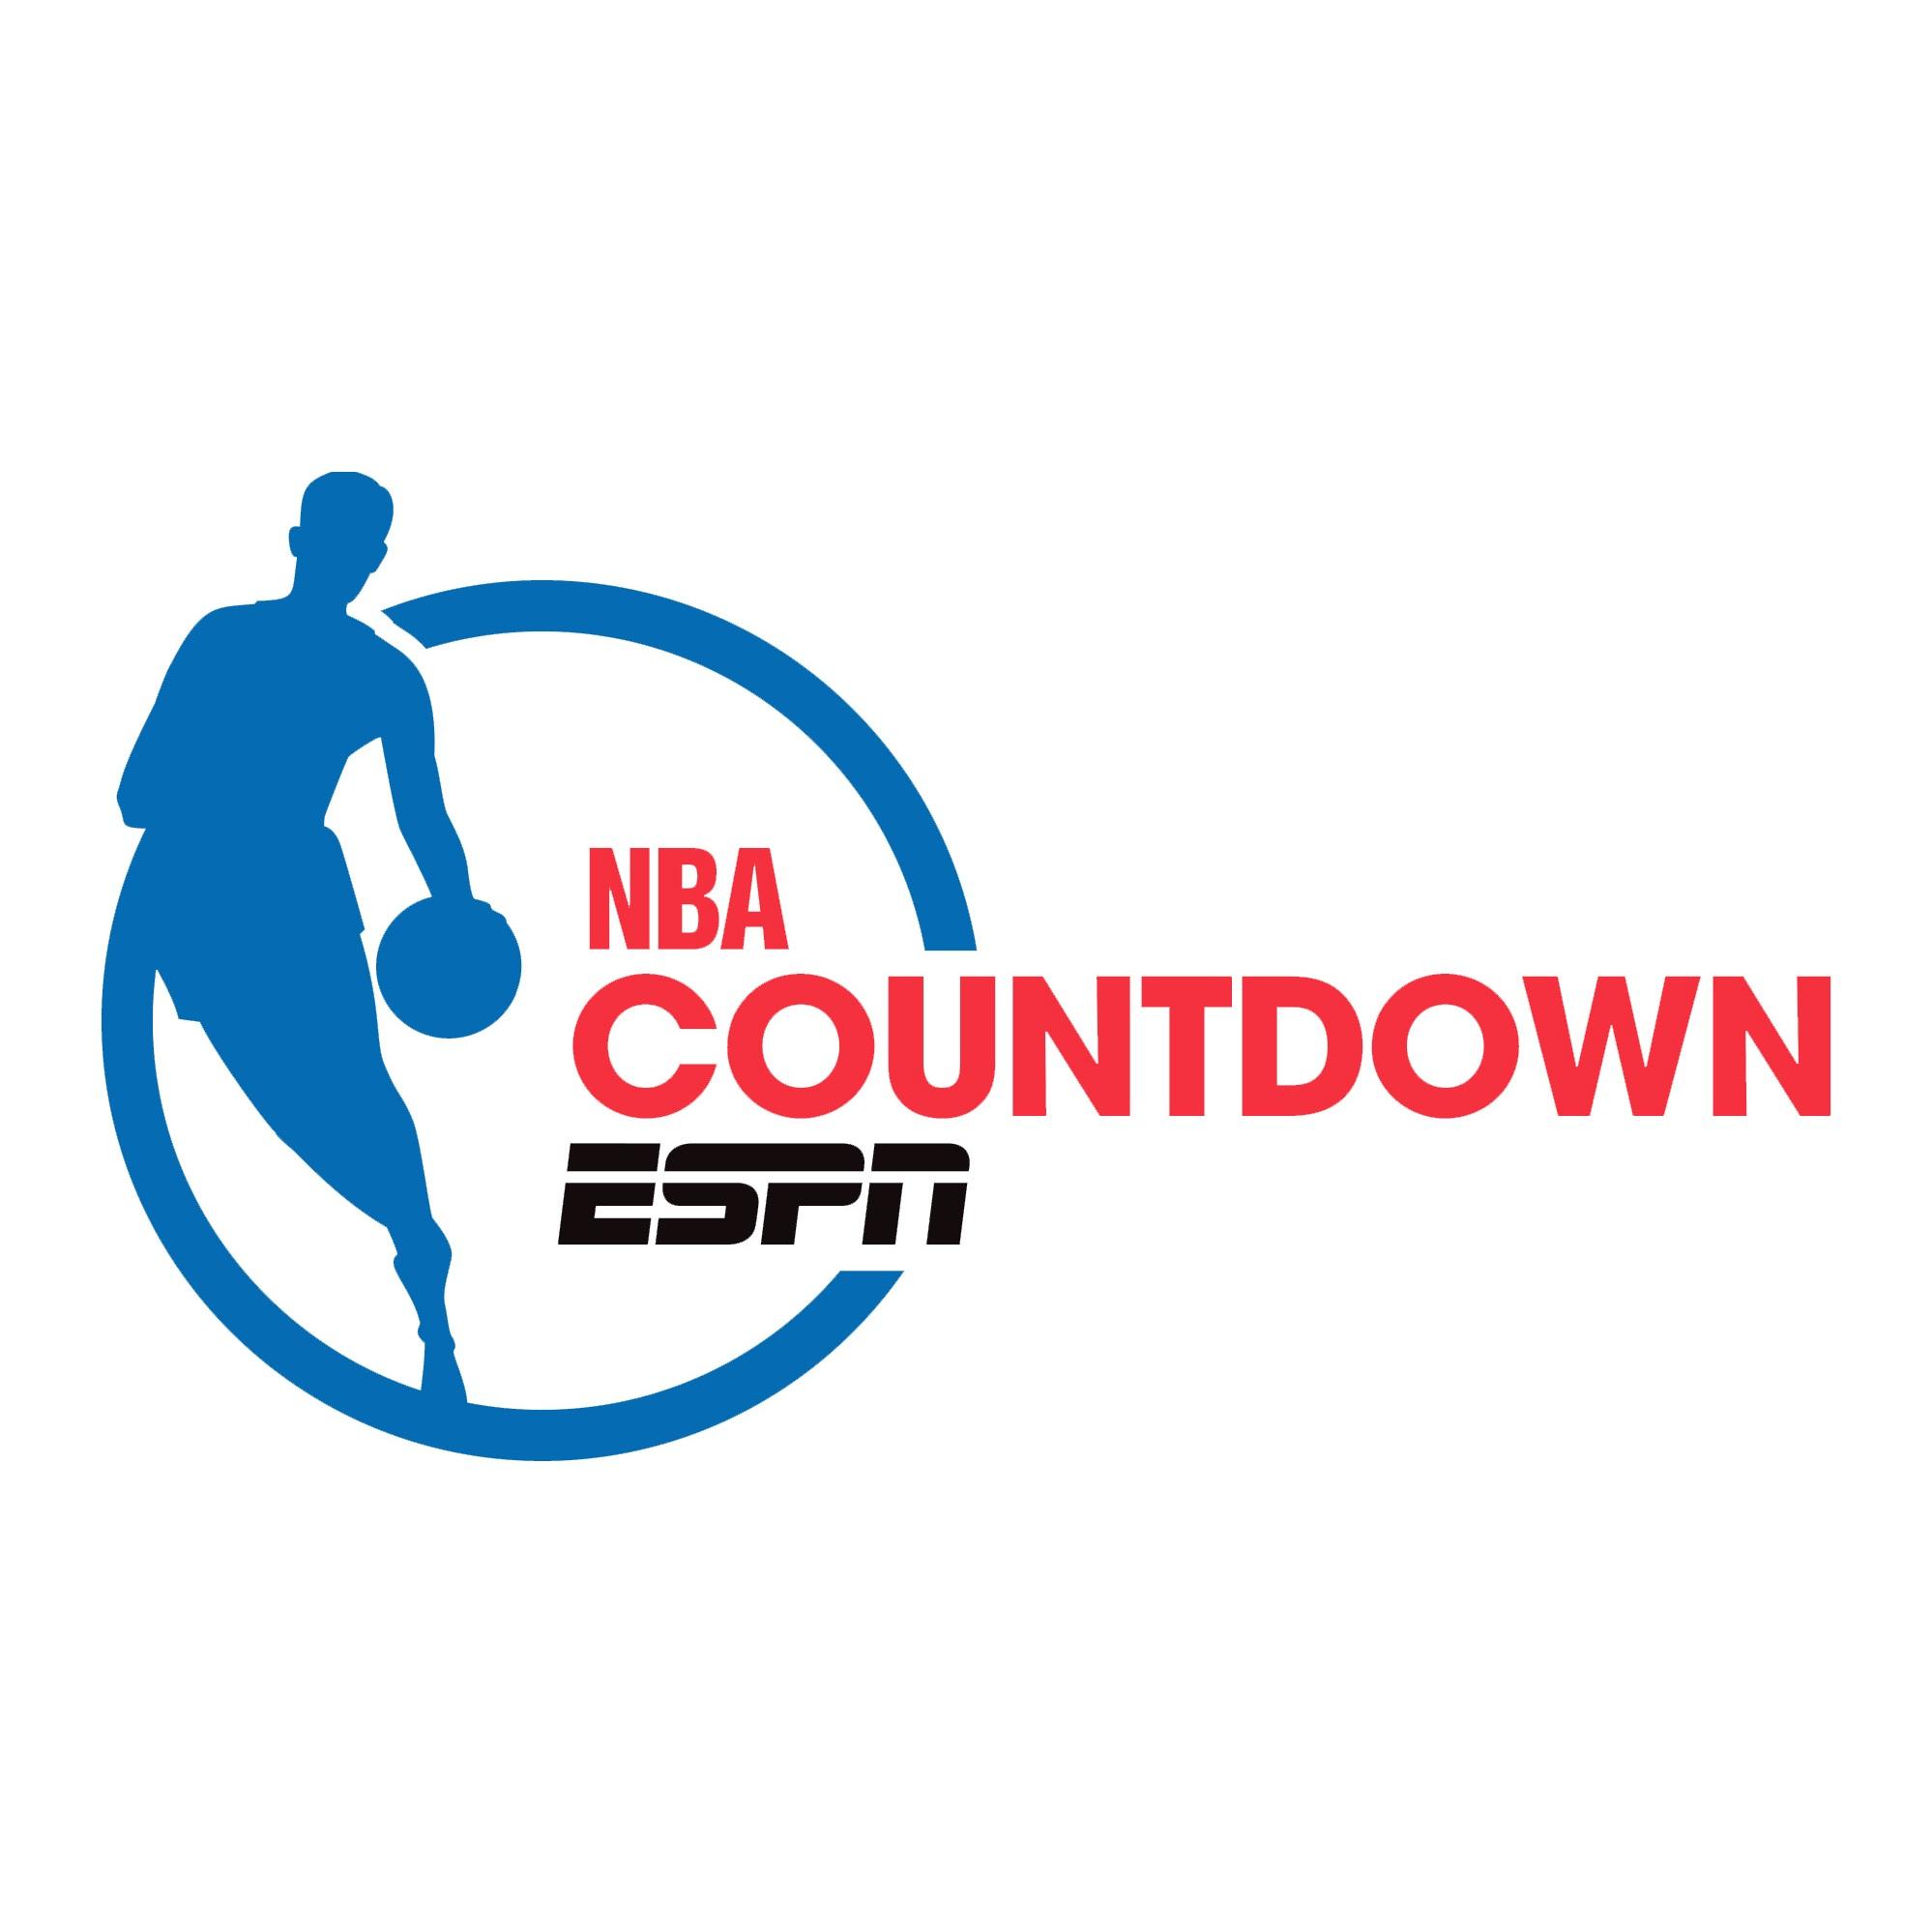 nba countdown.jpg